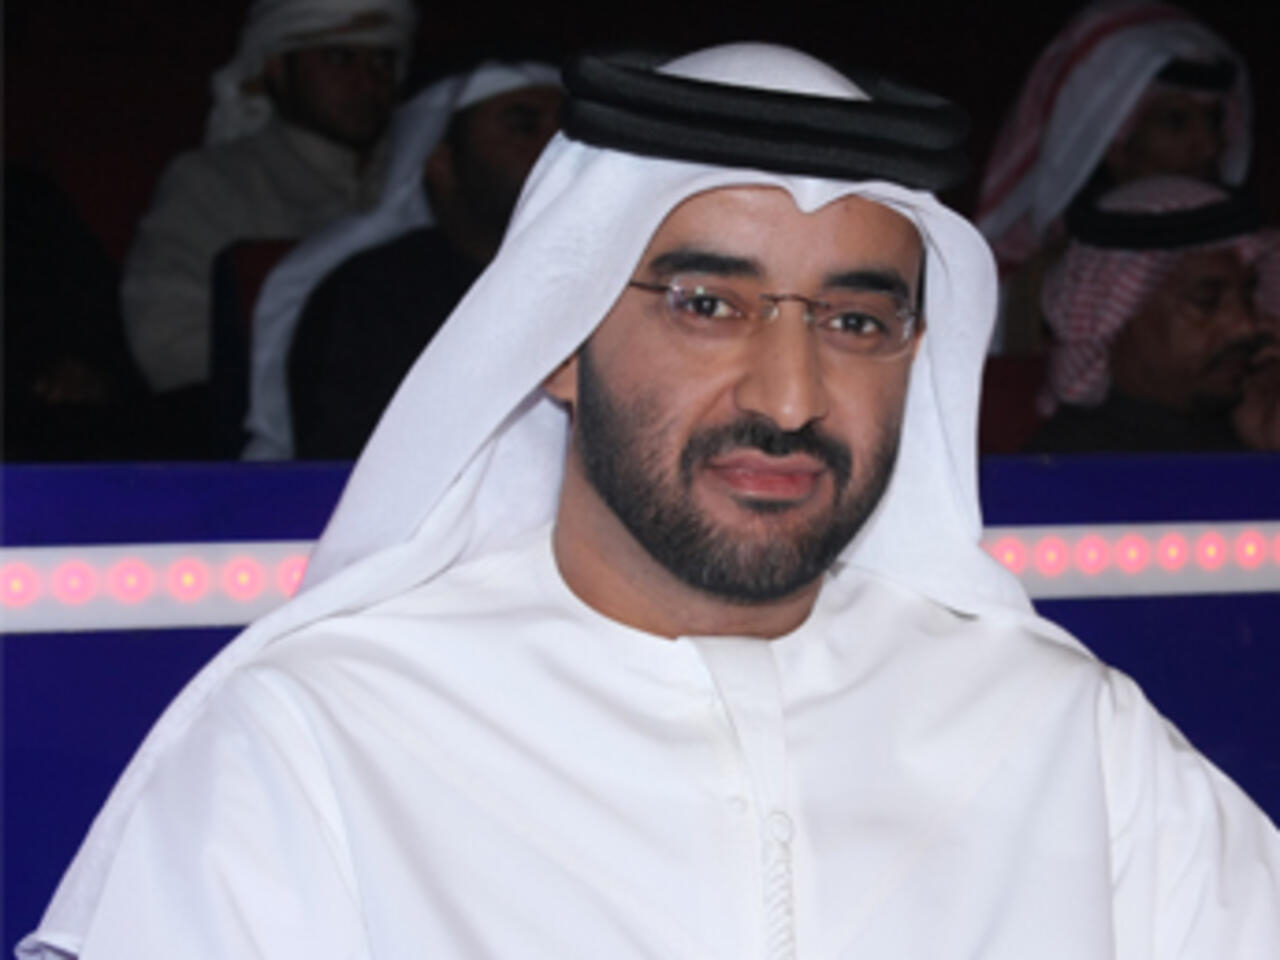 الشاعر والإعلامي الإماراتي خالد الظنحاني - بدون قناع